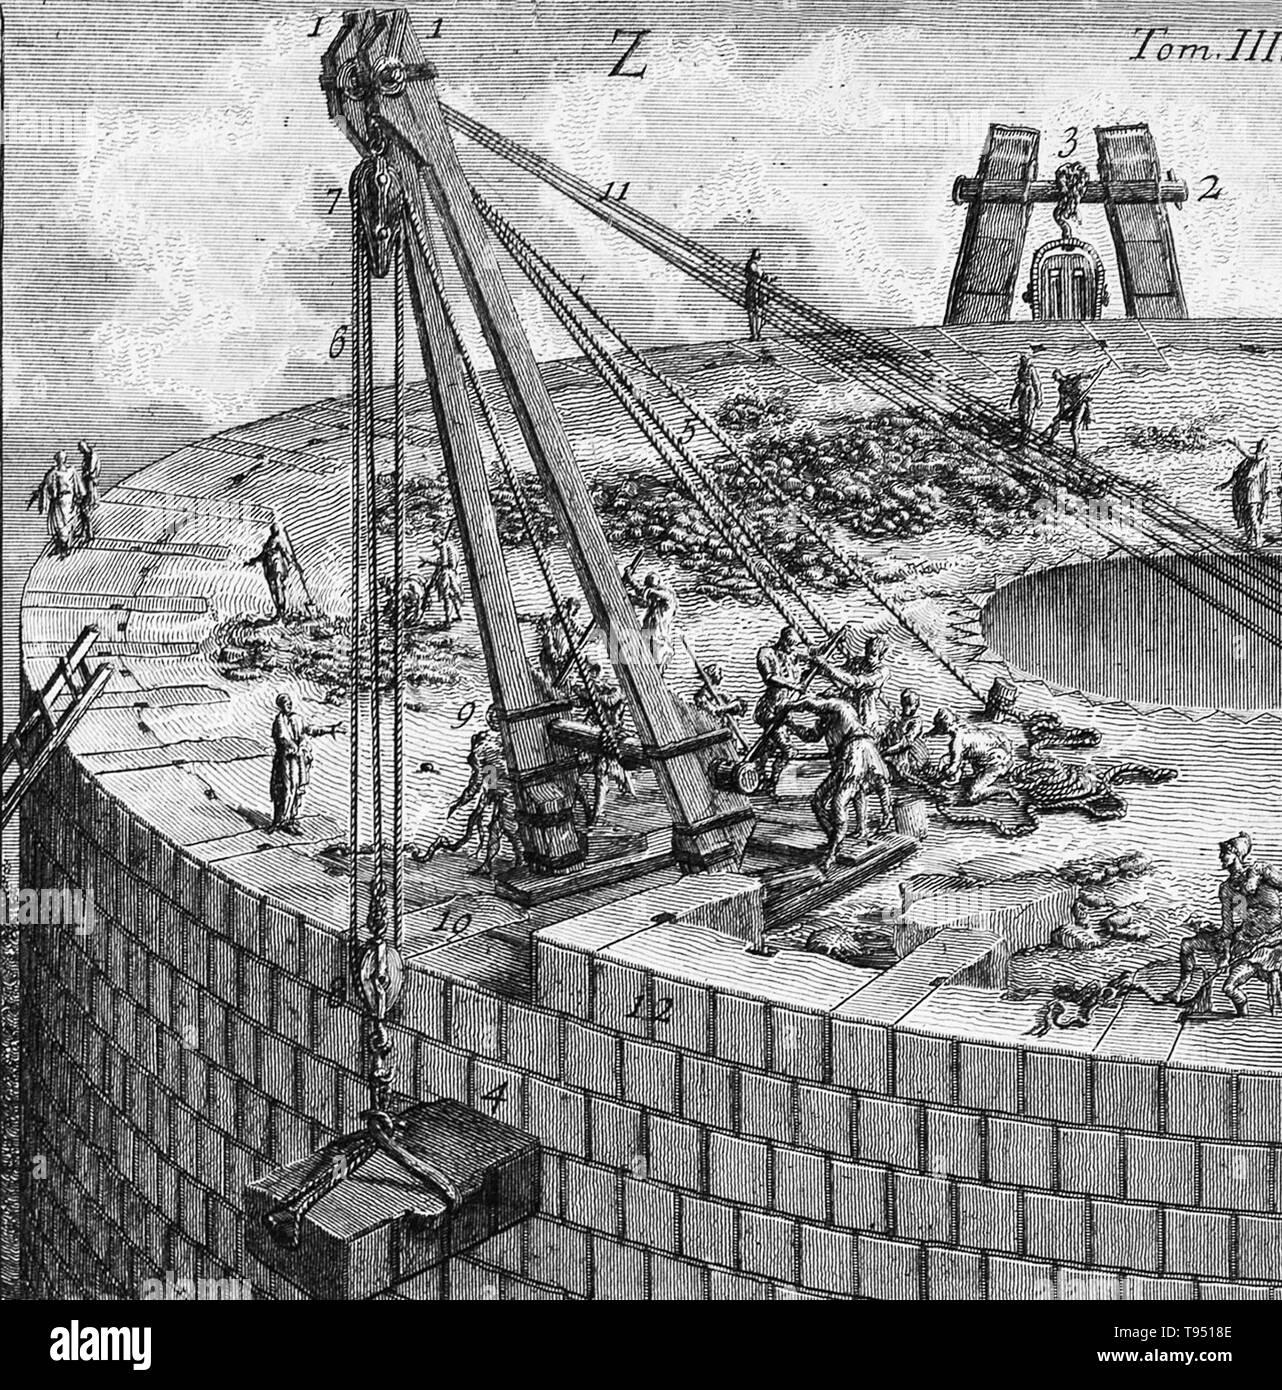 Moyens par lesquels les grands blocs de travertin et marbre ont été levées au cours de la construction du grand tombeau de Caecilia Metella, de: Le Antichita Romane (antiquités romaines), 1756-57. Giovanni Battista Piranesi (Italien, 1720 - 1778) Bien que Piranesi était au travail sur l'Antichita Romane, le résultat d'années de recherches sur les compétences en génie des Romains, les premières menaces de prééminence romaine ont été entendus. Au début des années 1750, certains chercheurs français et britanniques et les architectes ont commencé à affirmer que les Romains n'étaient que de simples imitateurs des Grecs, en vertu de laquelle tous les arts ha Photo Stock